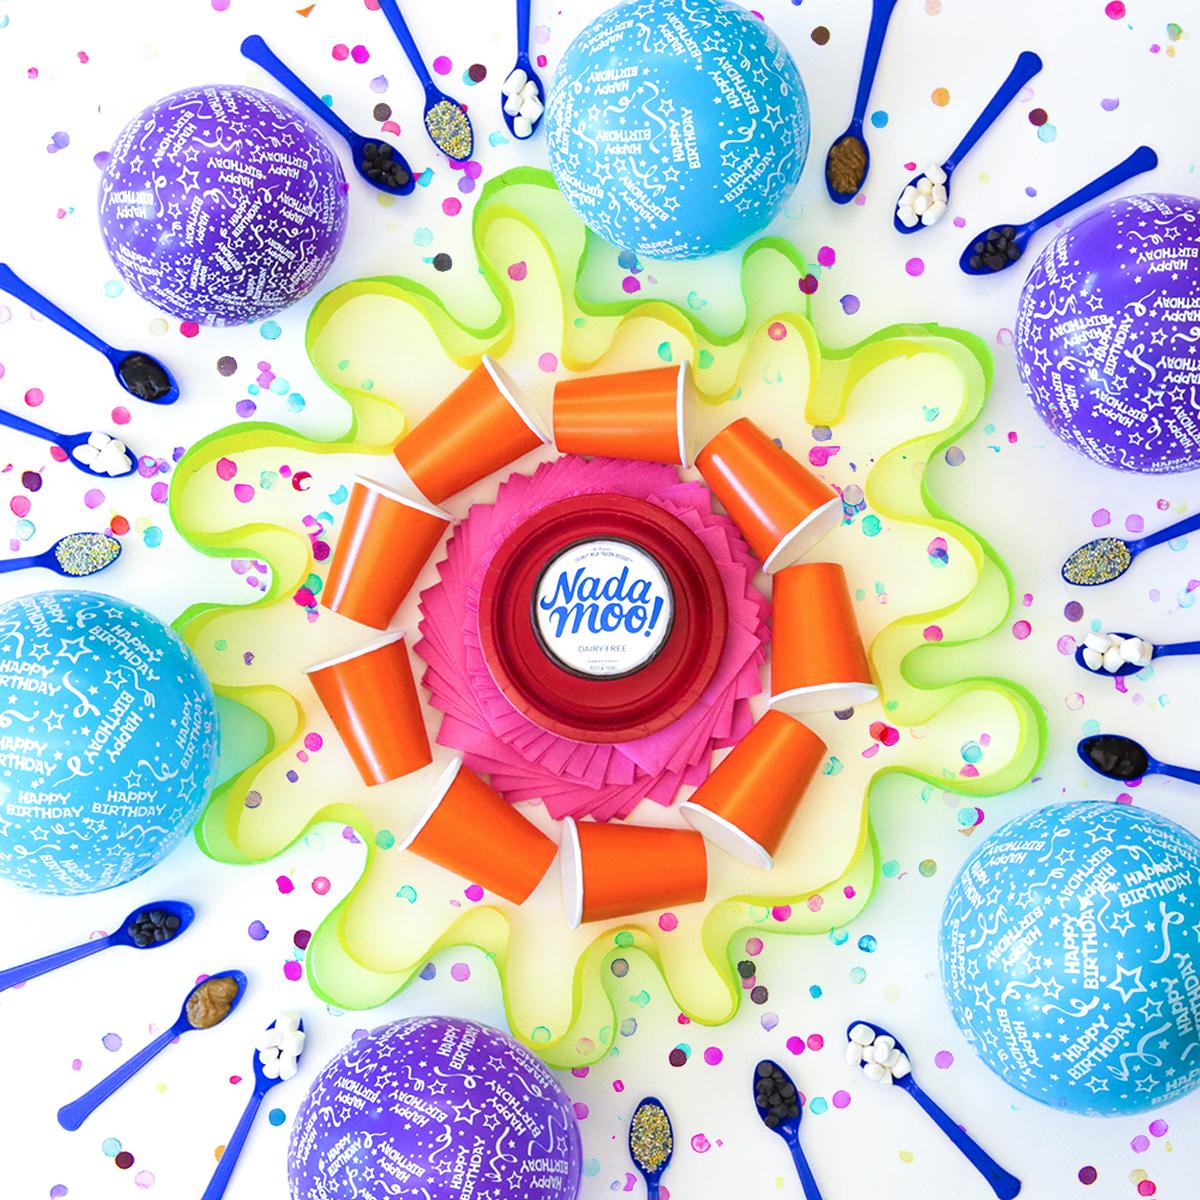 NadaMoo_BirthdayKnoll.jpg